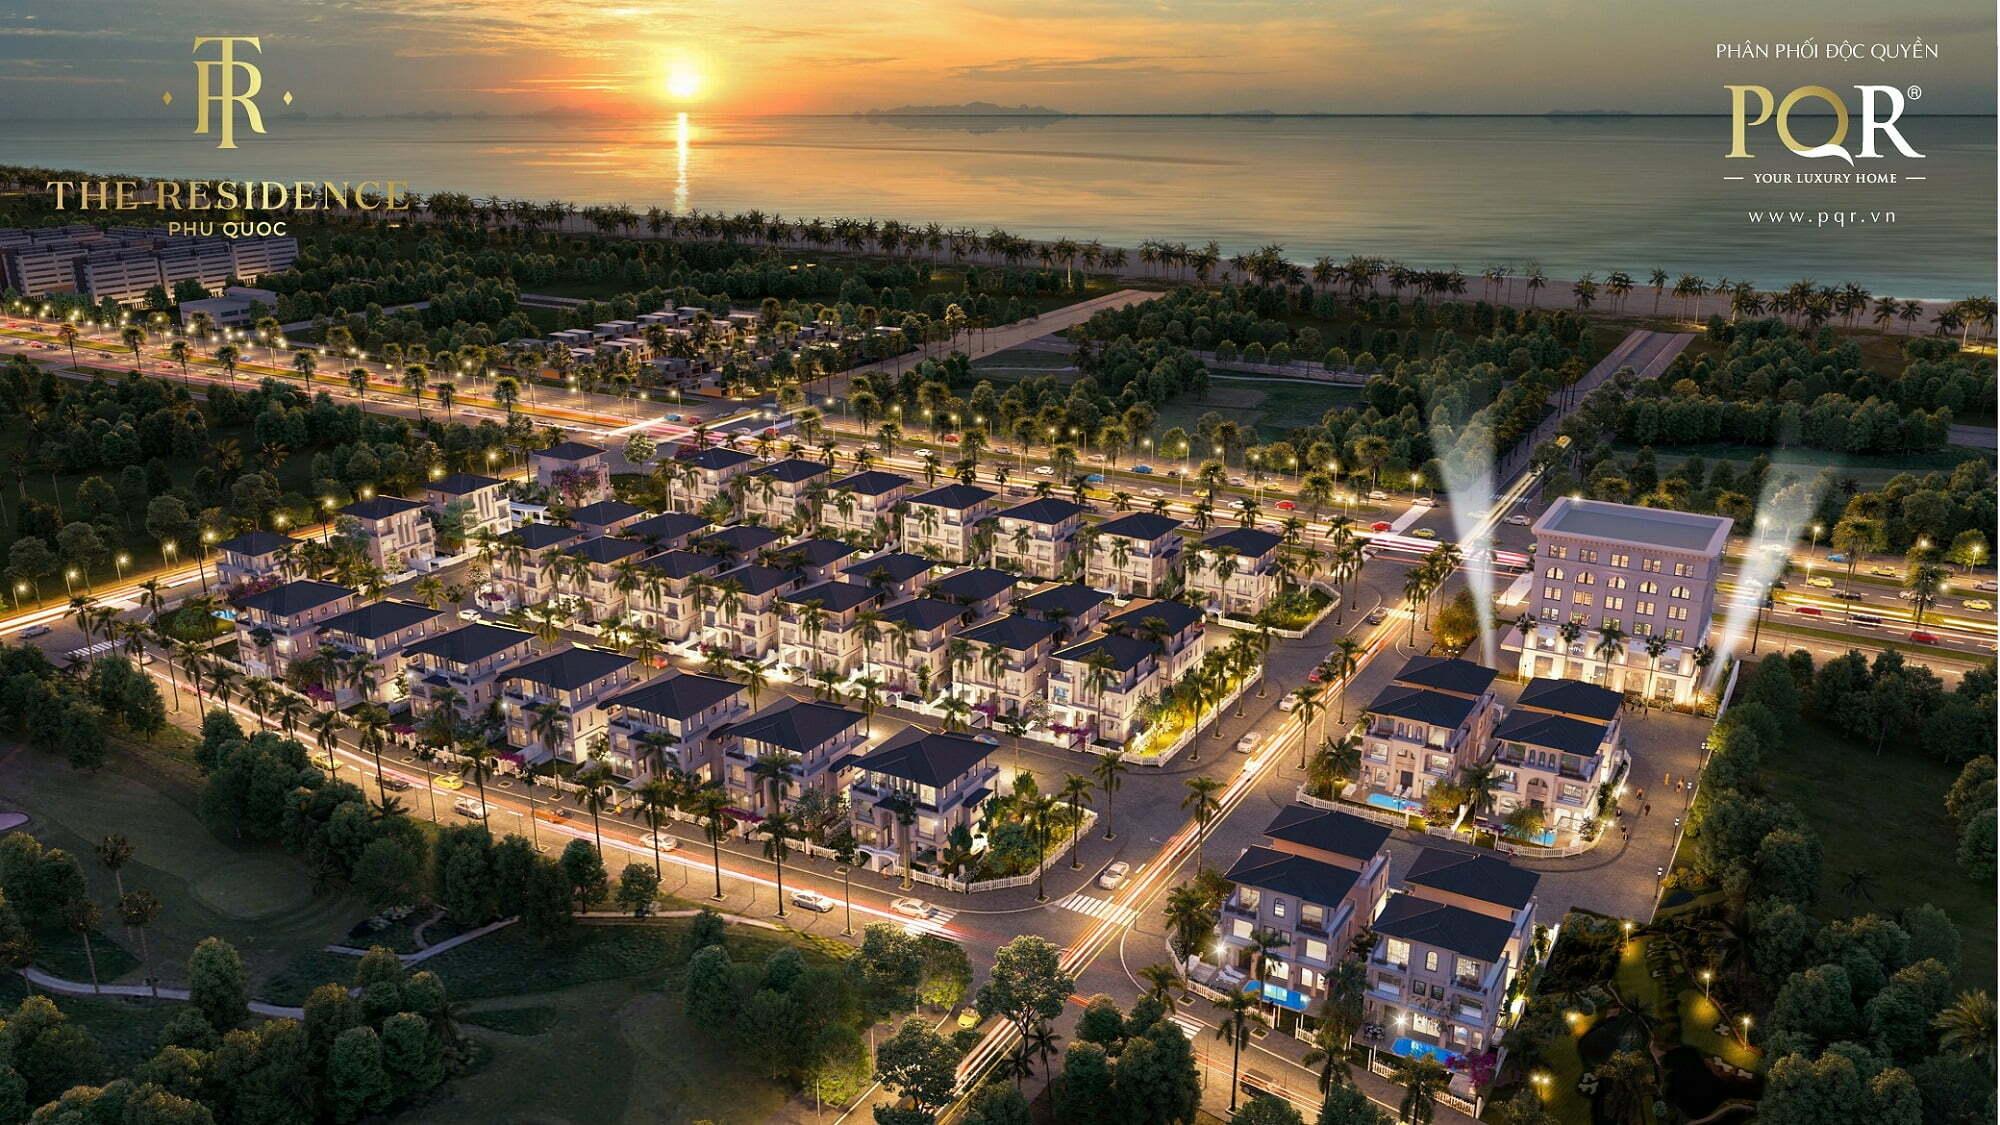 Phối cảnh tổng thể dự án The Residence Phú Quốc